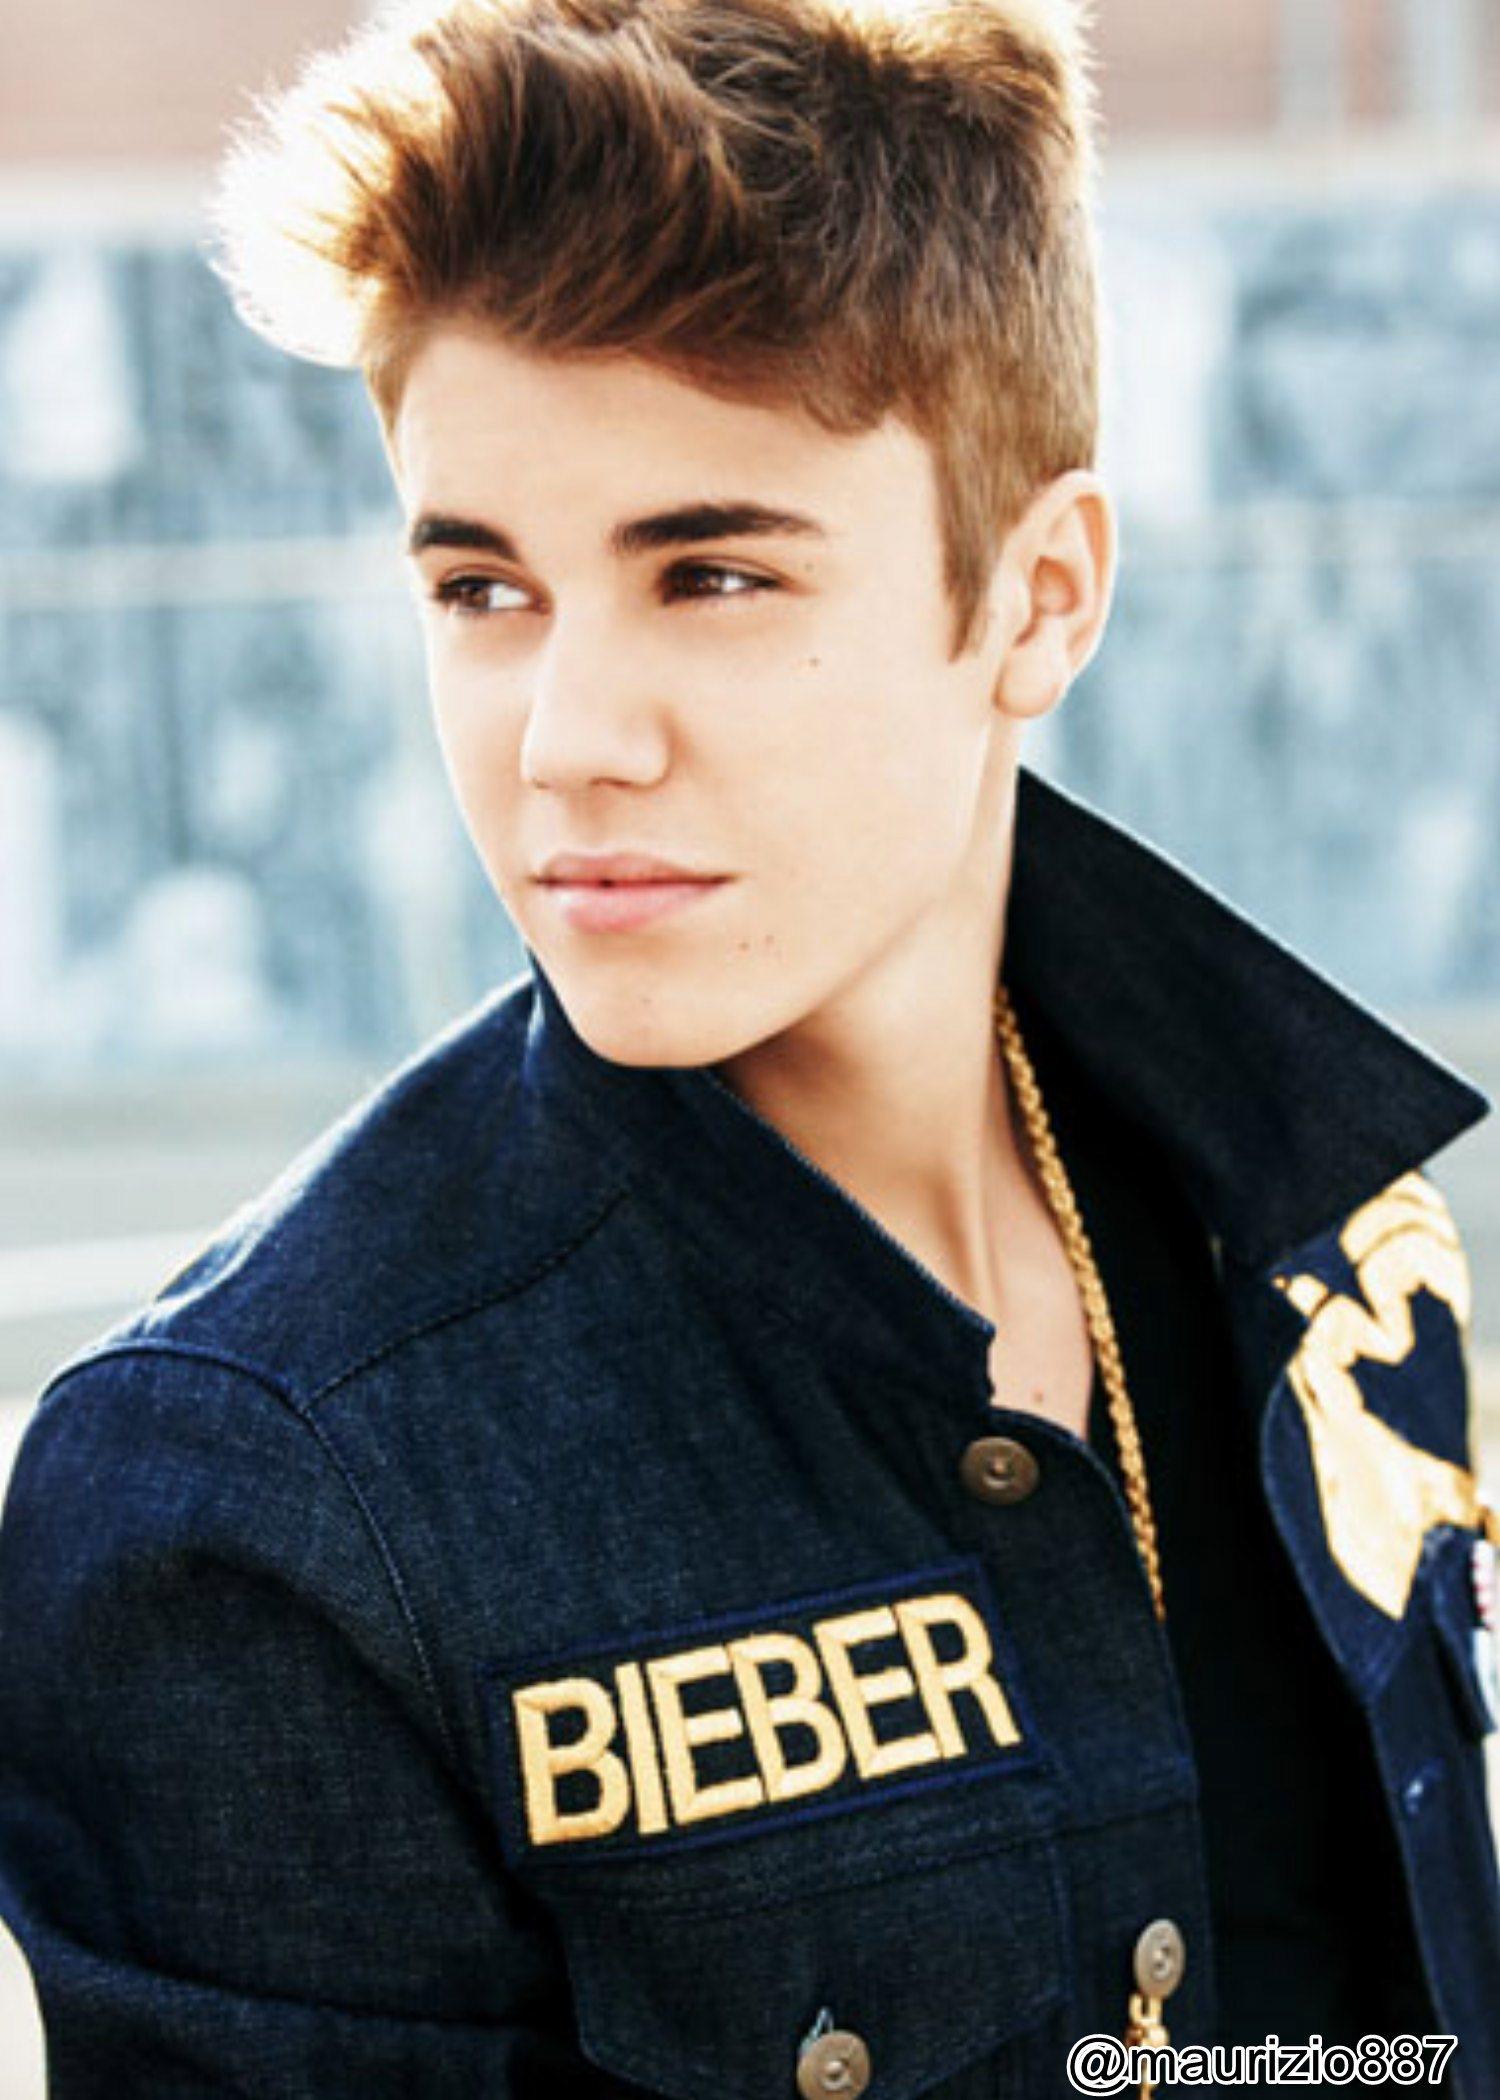 Justin Bieber 2012 Swag Justin Bieber Photoshoot 2012